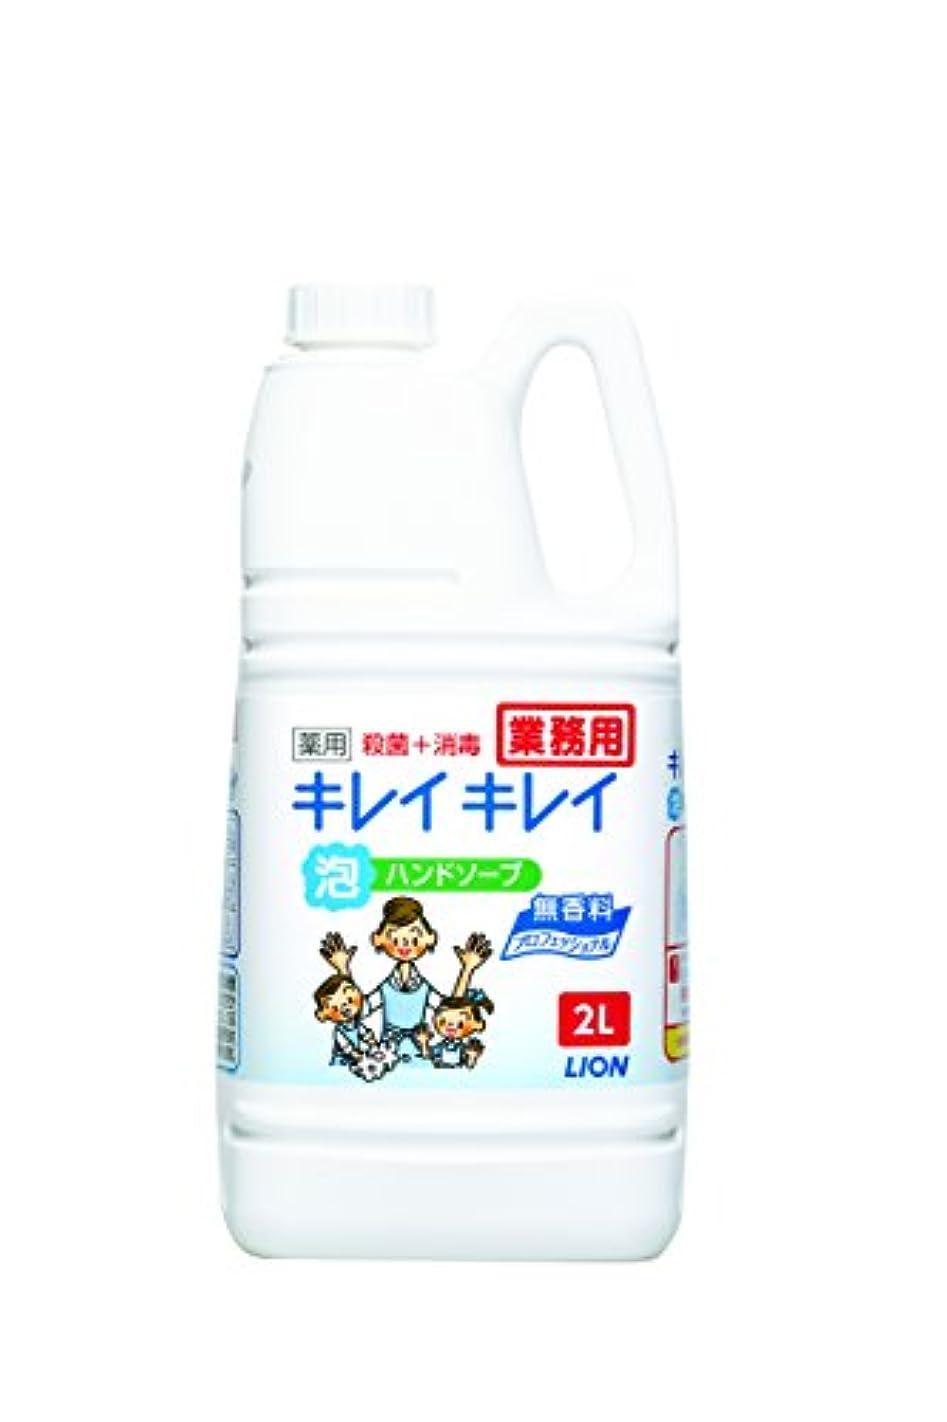 清めるトレーニングプラットフォーム【大容量】キレイキレイ 薬用泡ハンドソープ プロ無香料2L